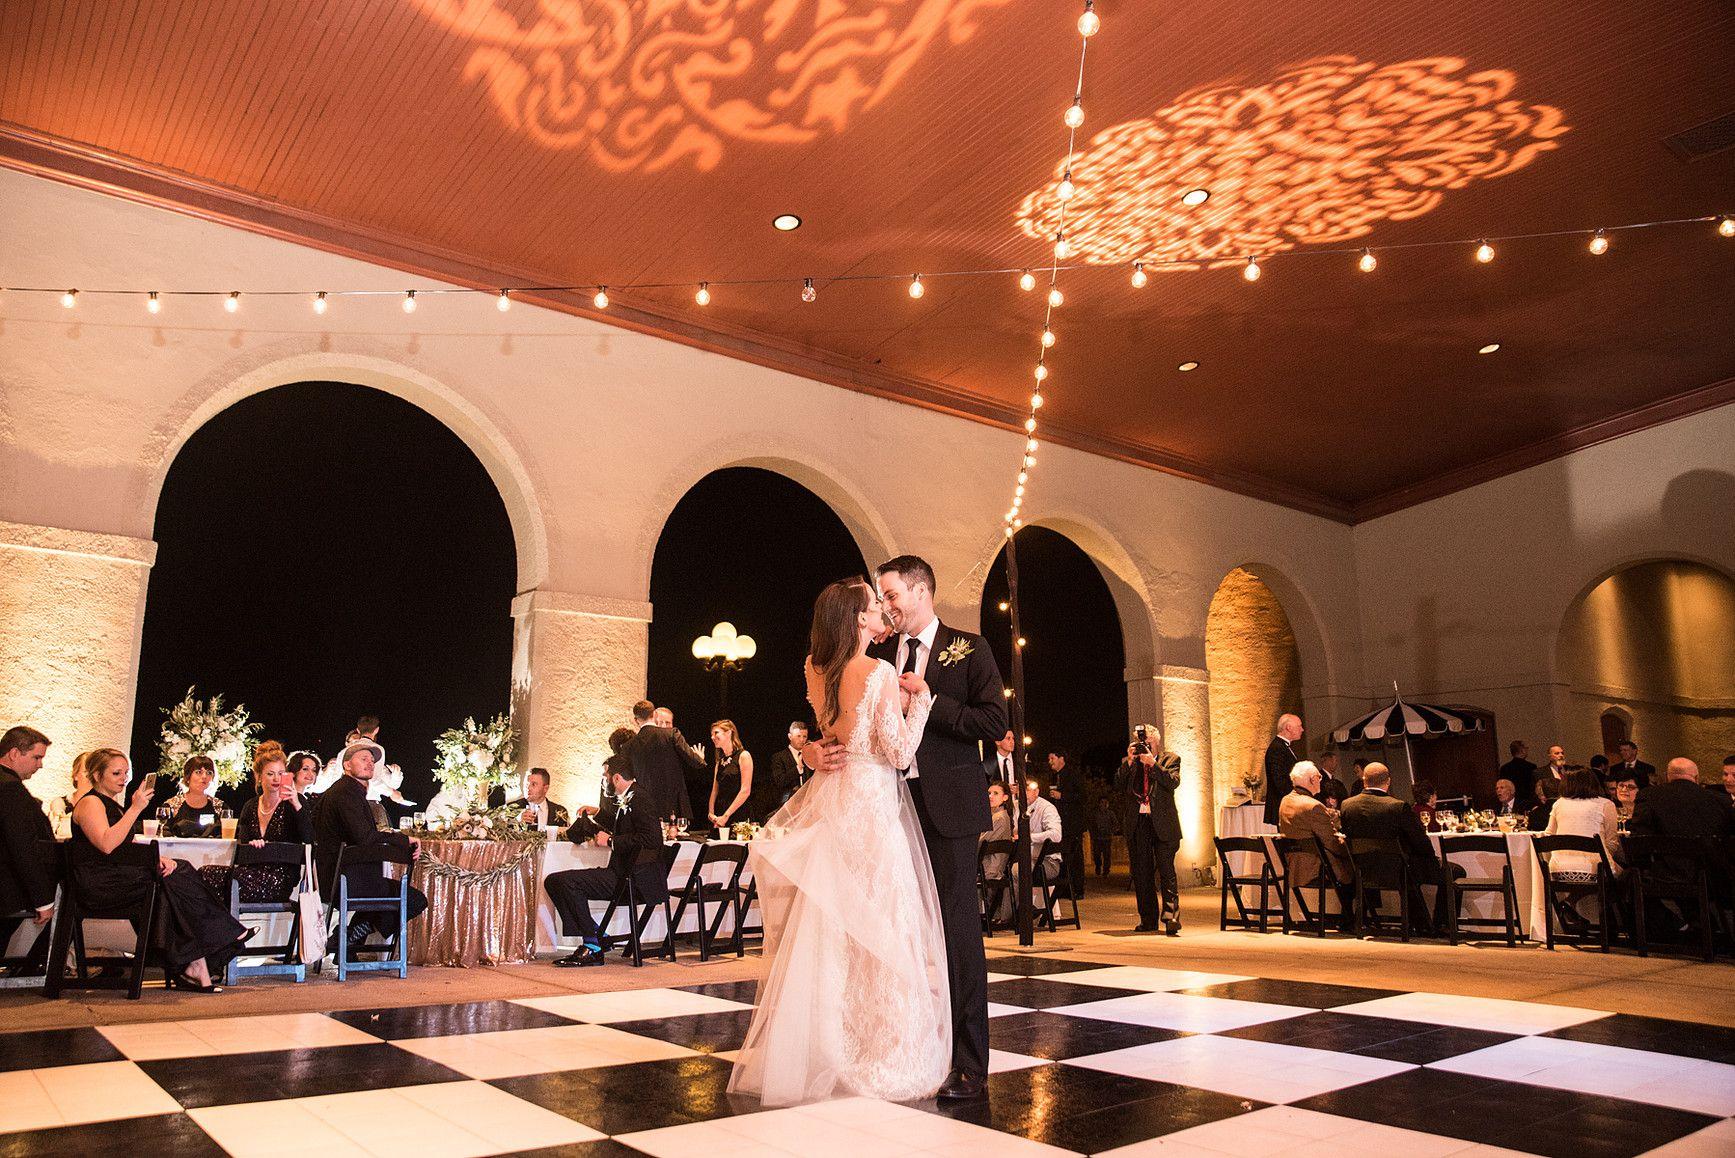 Chameleon Imagery Weddings World S Fair Pavilion Forest Park Wedding St